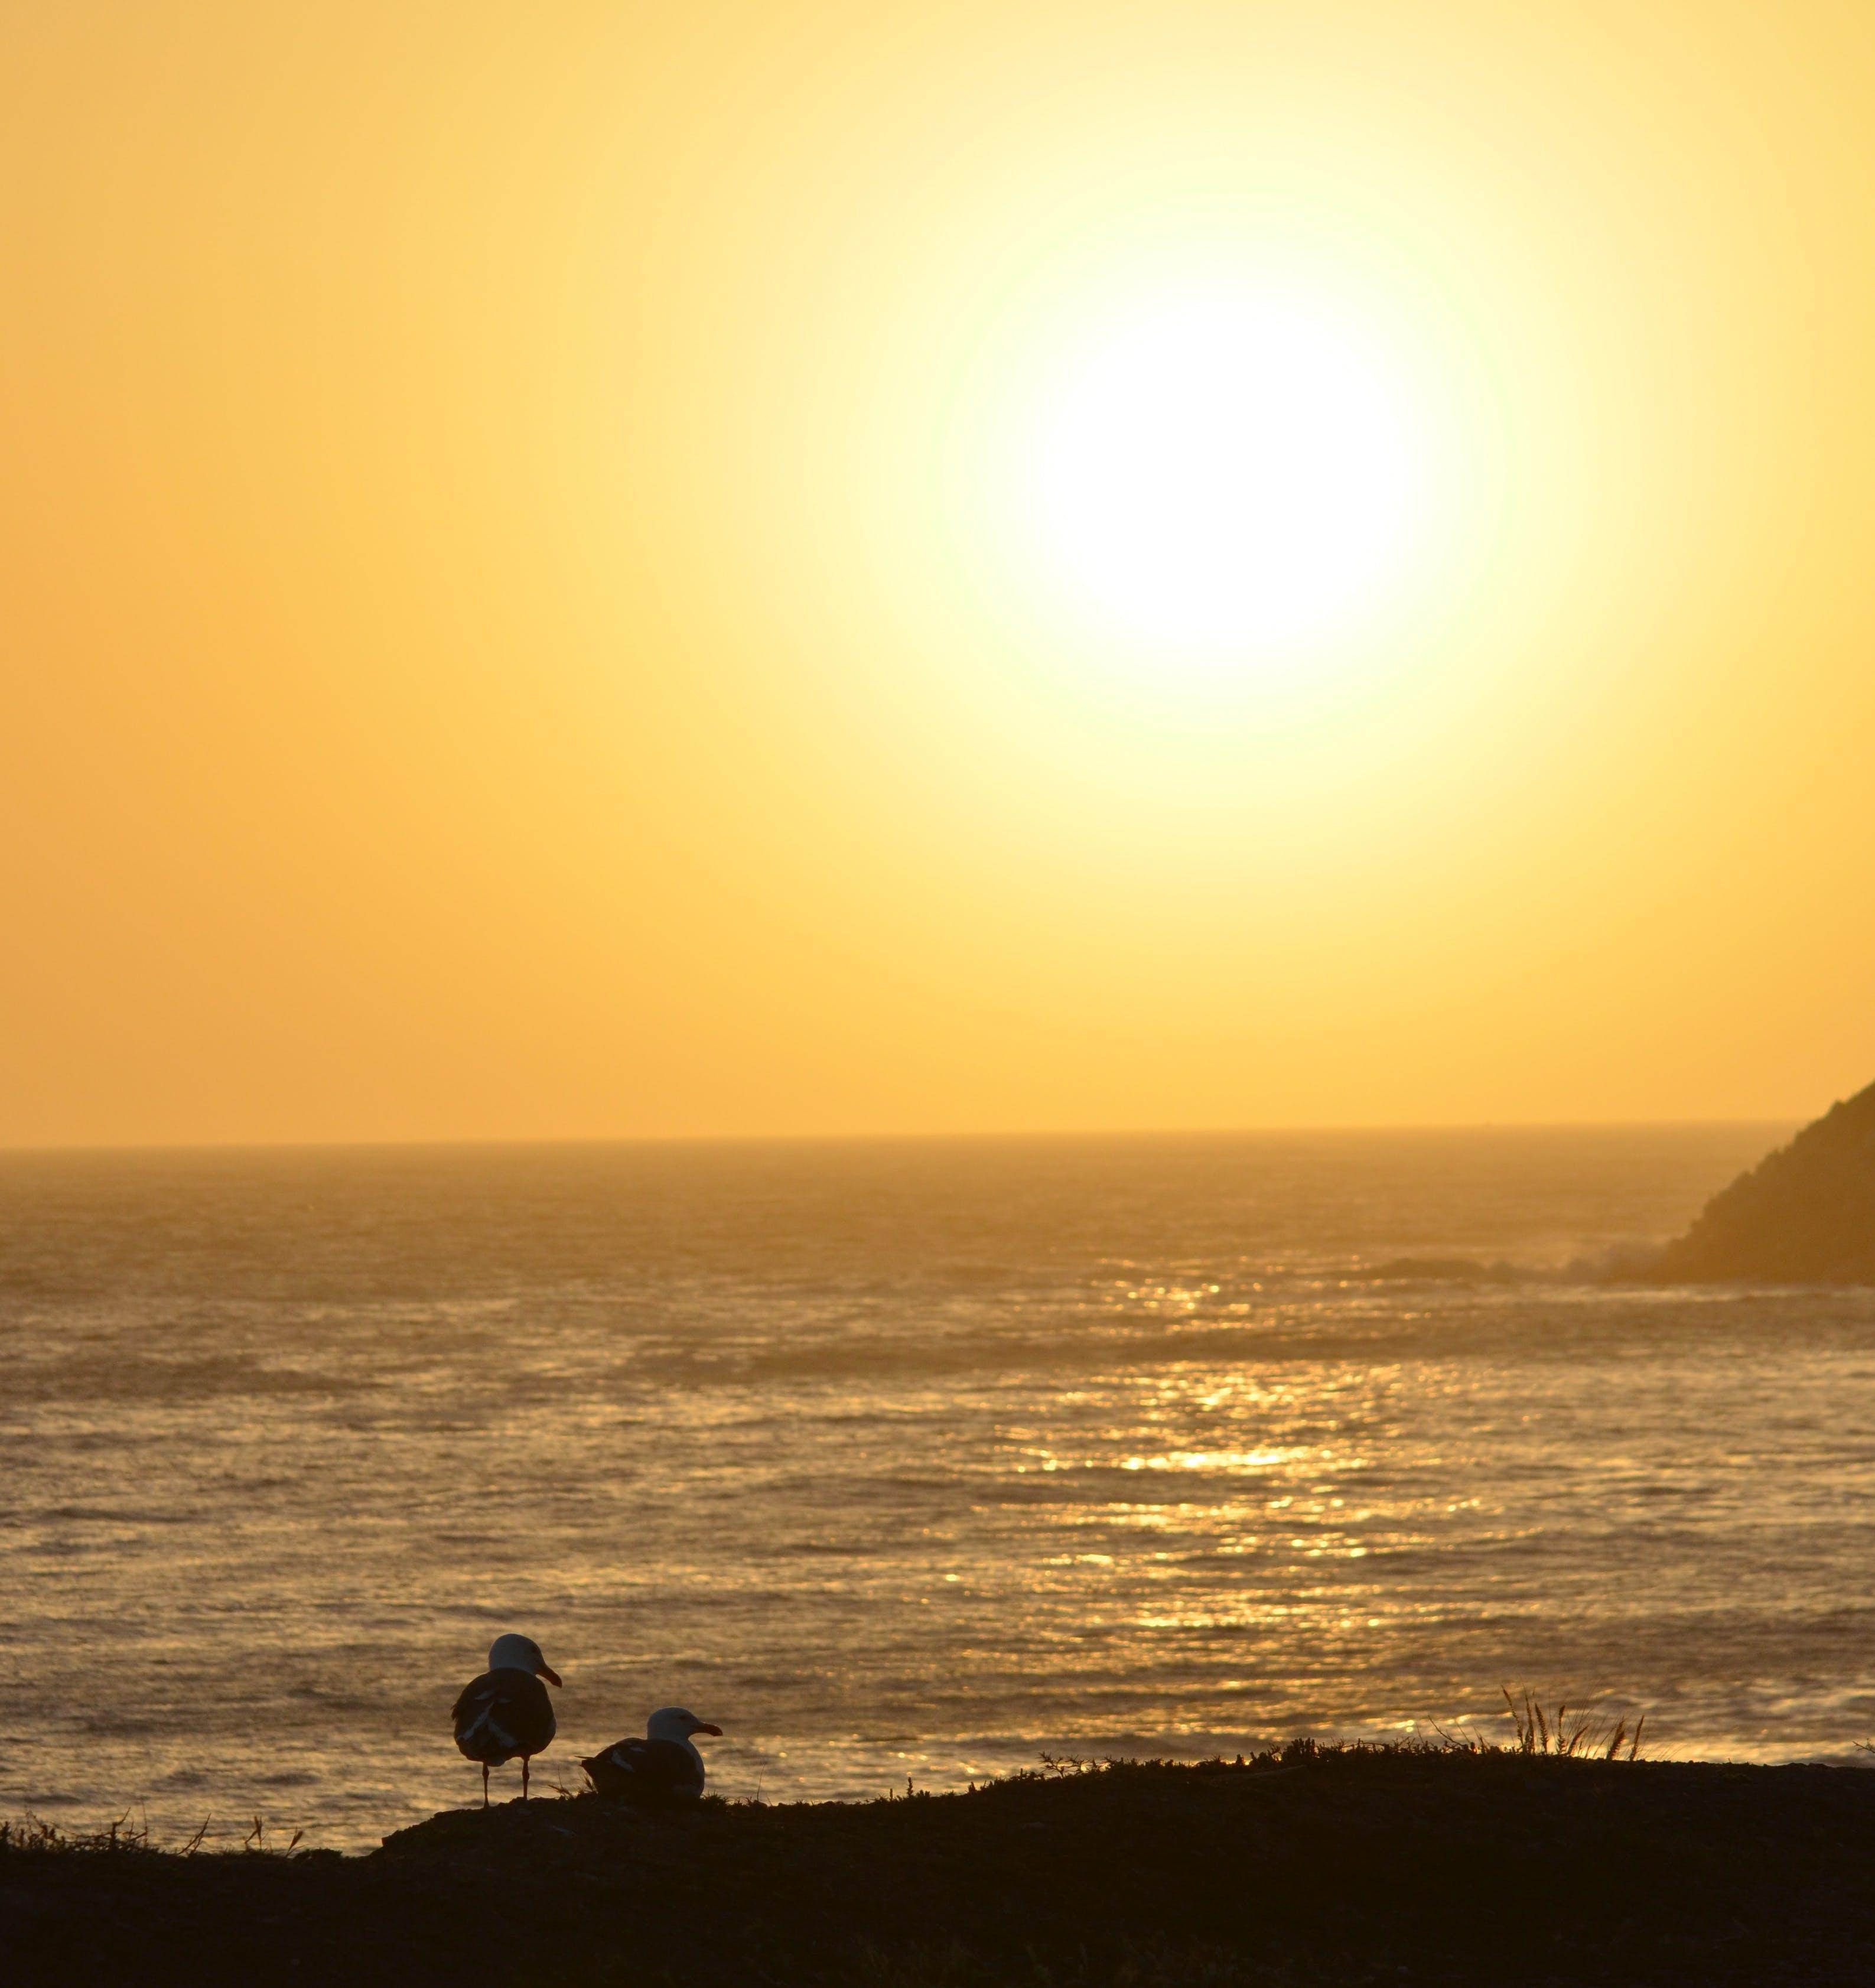 Kostenloses Stock Foto zu einsamen strand, gelb sonnenuntergang, kalifornien sonnenuntergang, kalifornien strände